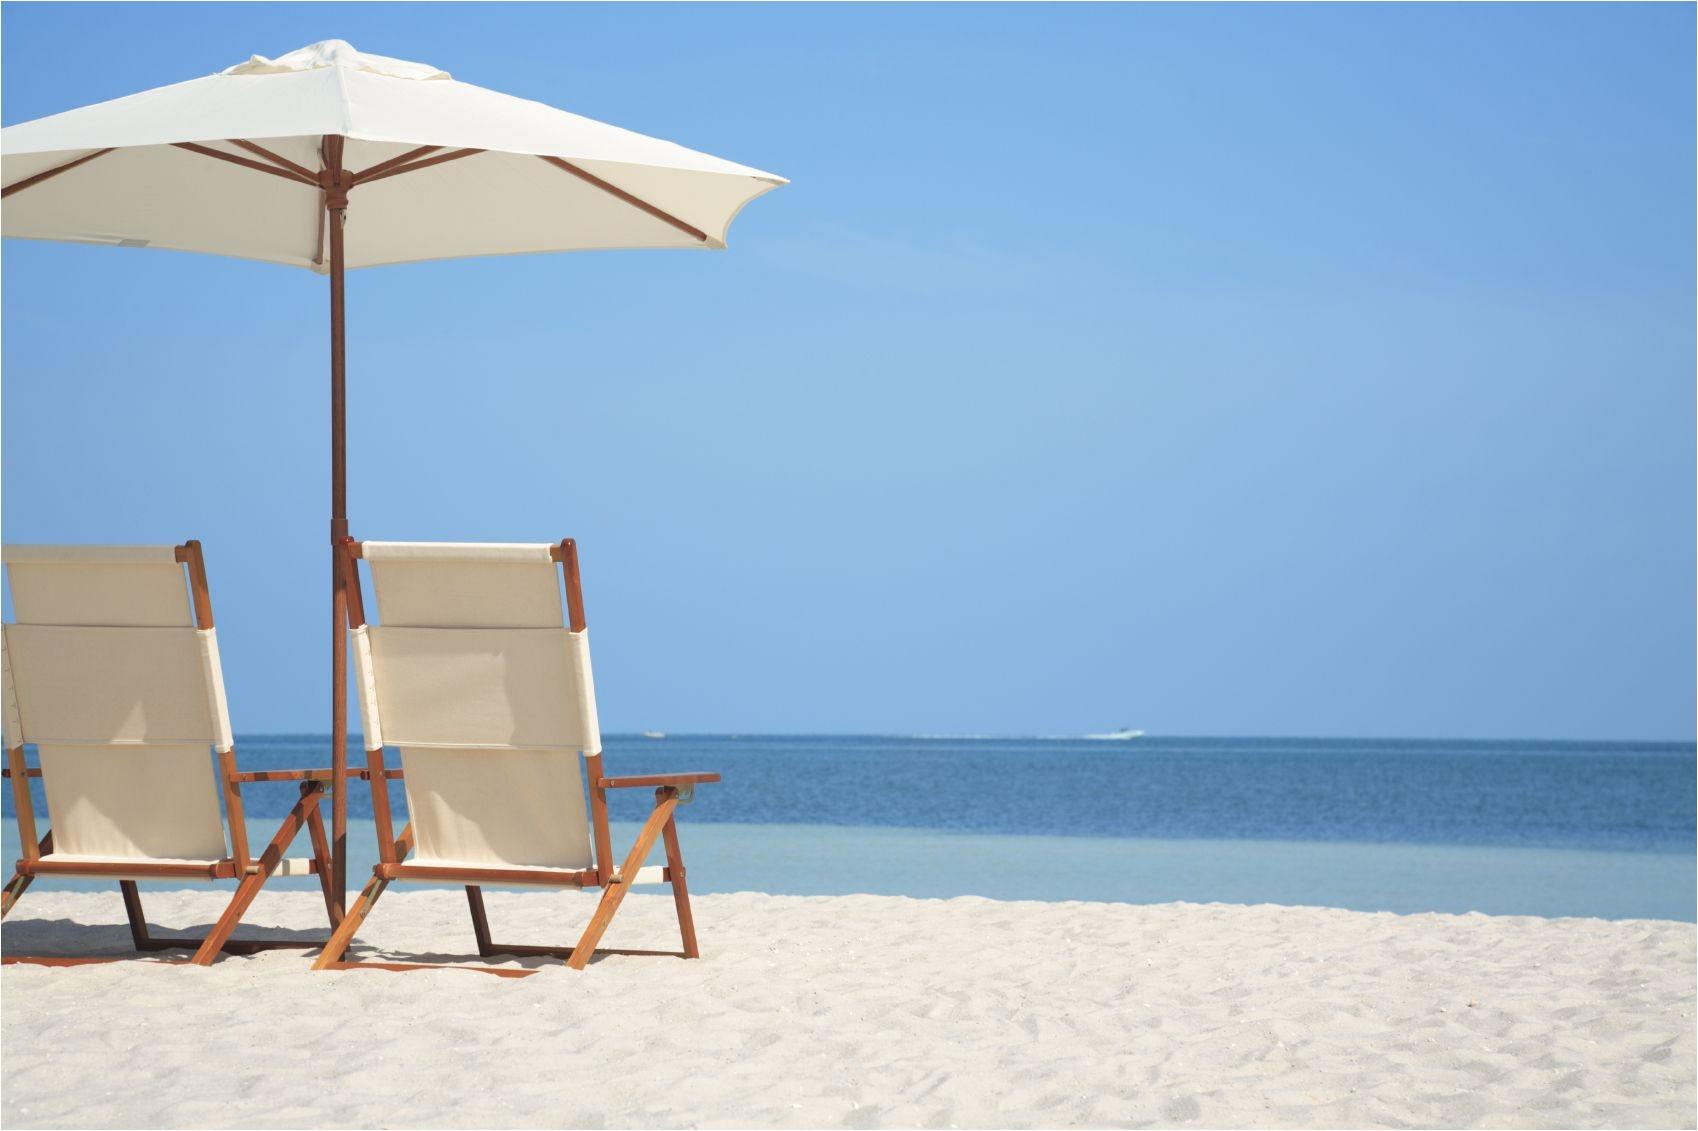 Sun Tanning Beach Chairs Beach Chair Beach Chairs and Umbrella On Tropical Beach Beach